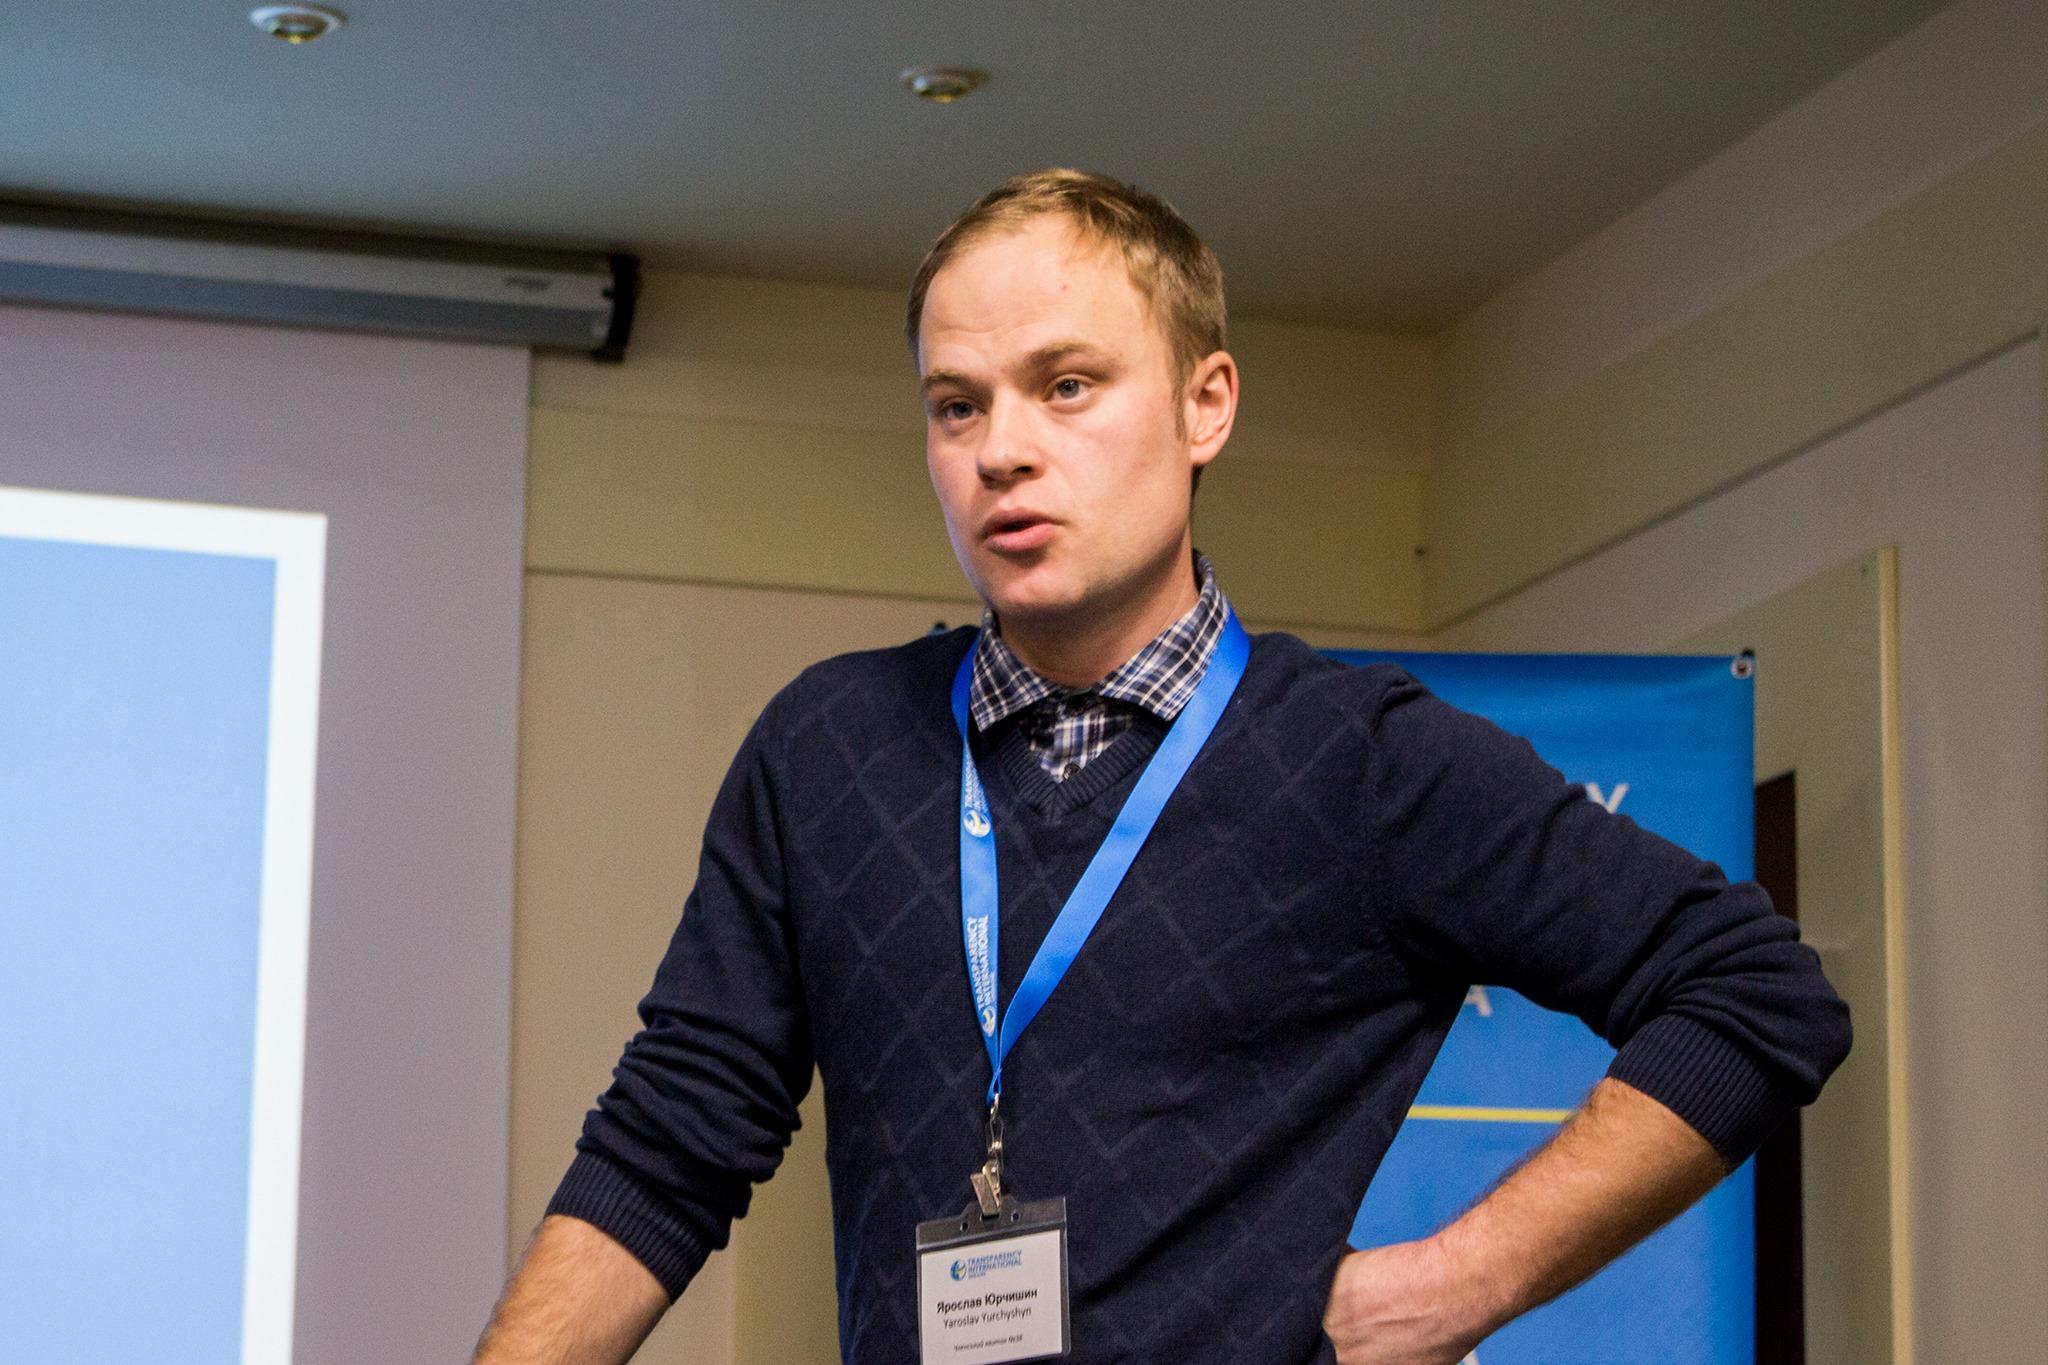 Голосно ще буде: Ярослав Юрчишин про «слуг», Зеленського, Вакарчука і команду «Голосу» на Франківщині 2